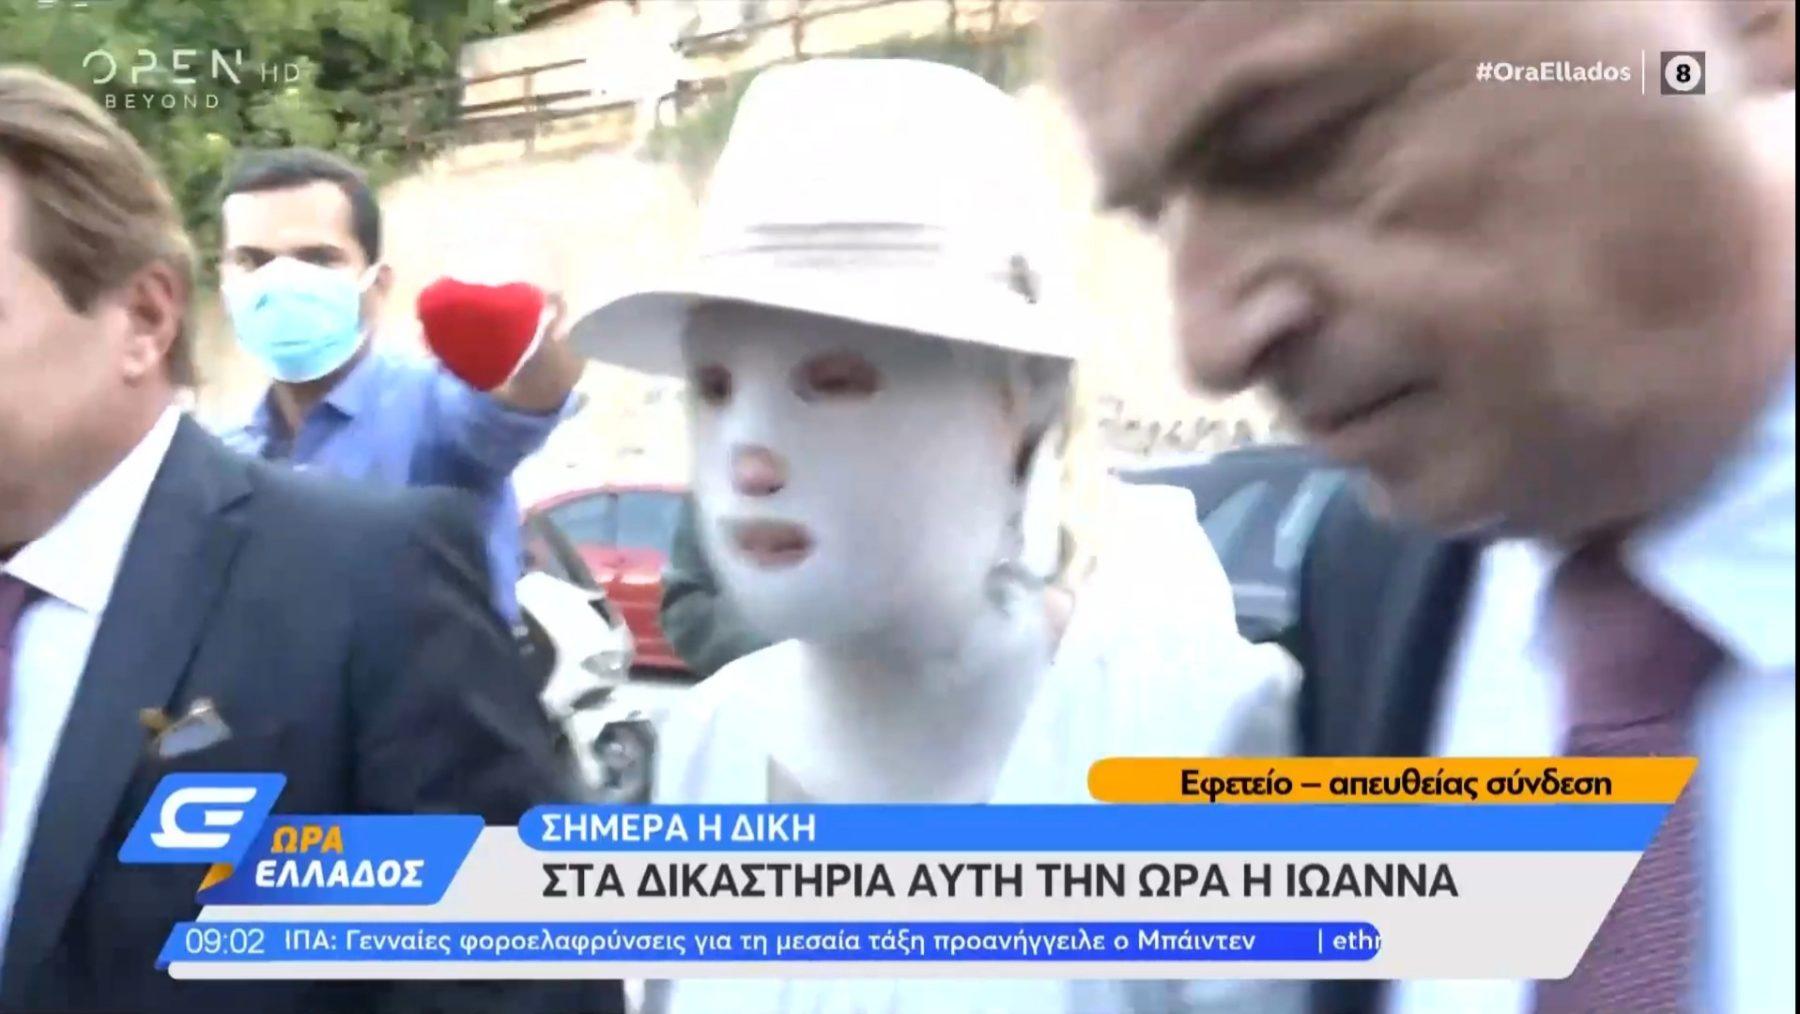 Υπόθεση βιτριόλι: Η Ιωάννα Παλιοσπύρου με την ειδική μάσκα στα δικαστήρια! Συγκλονιστικές εικόνες!